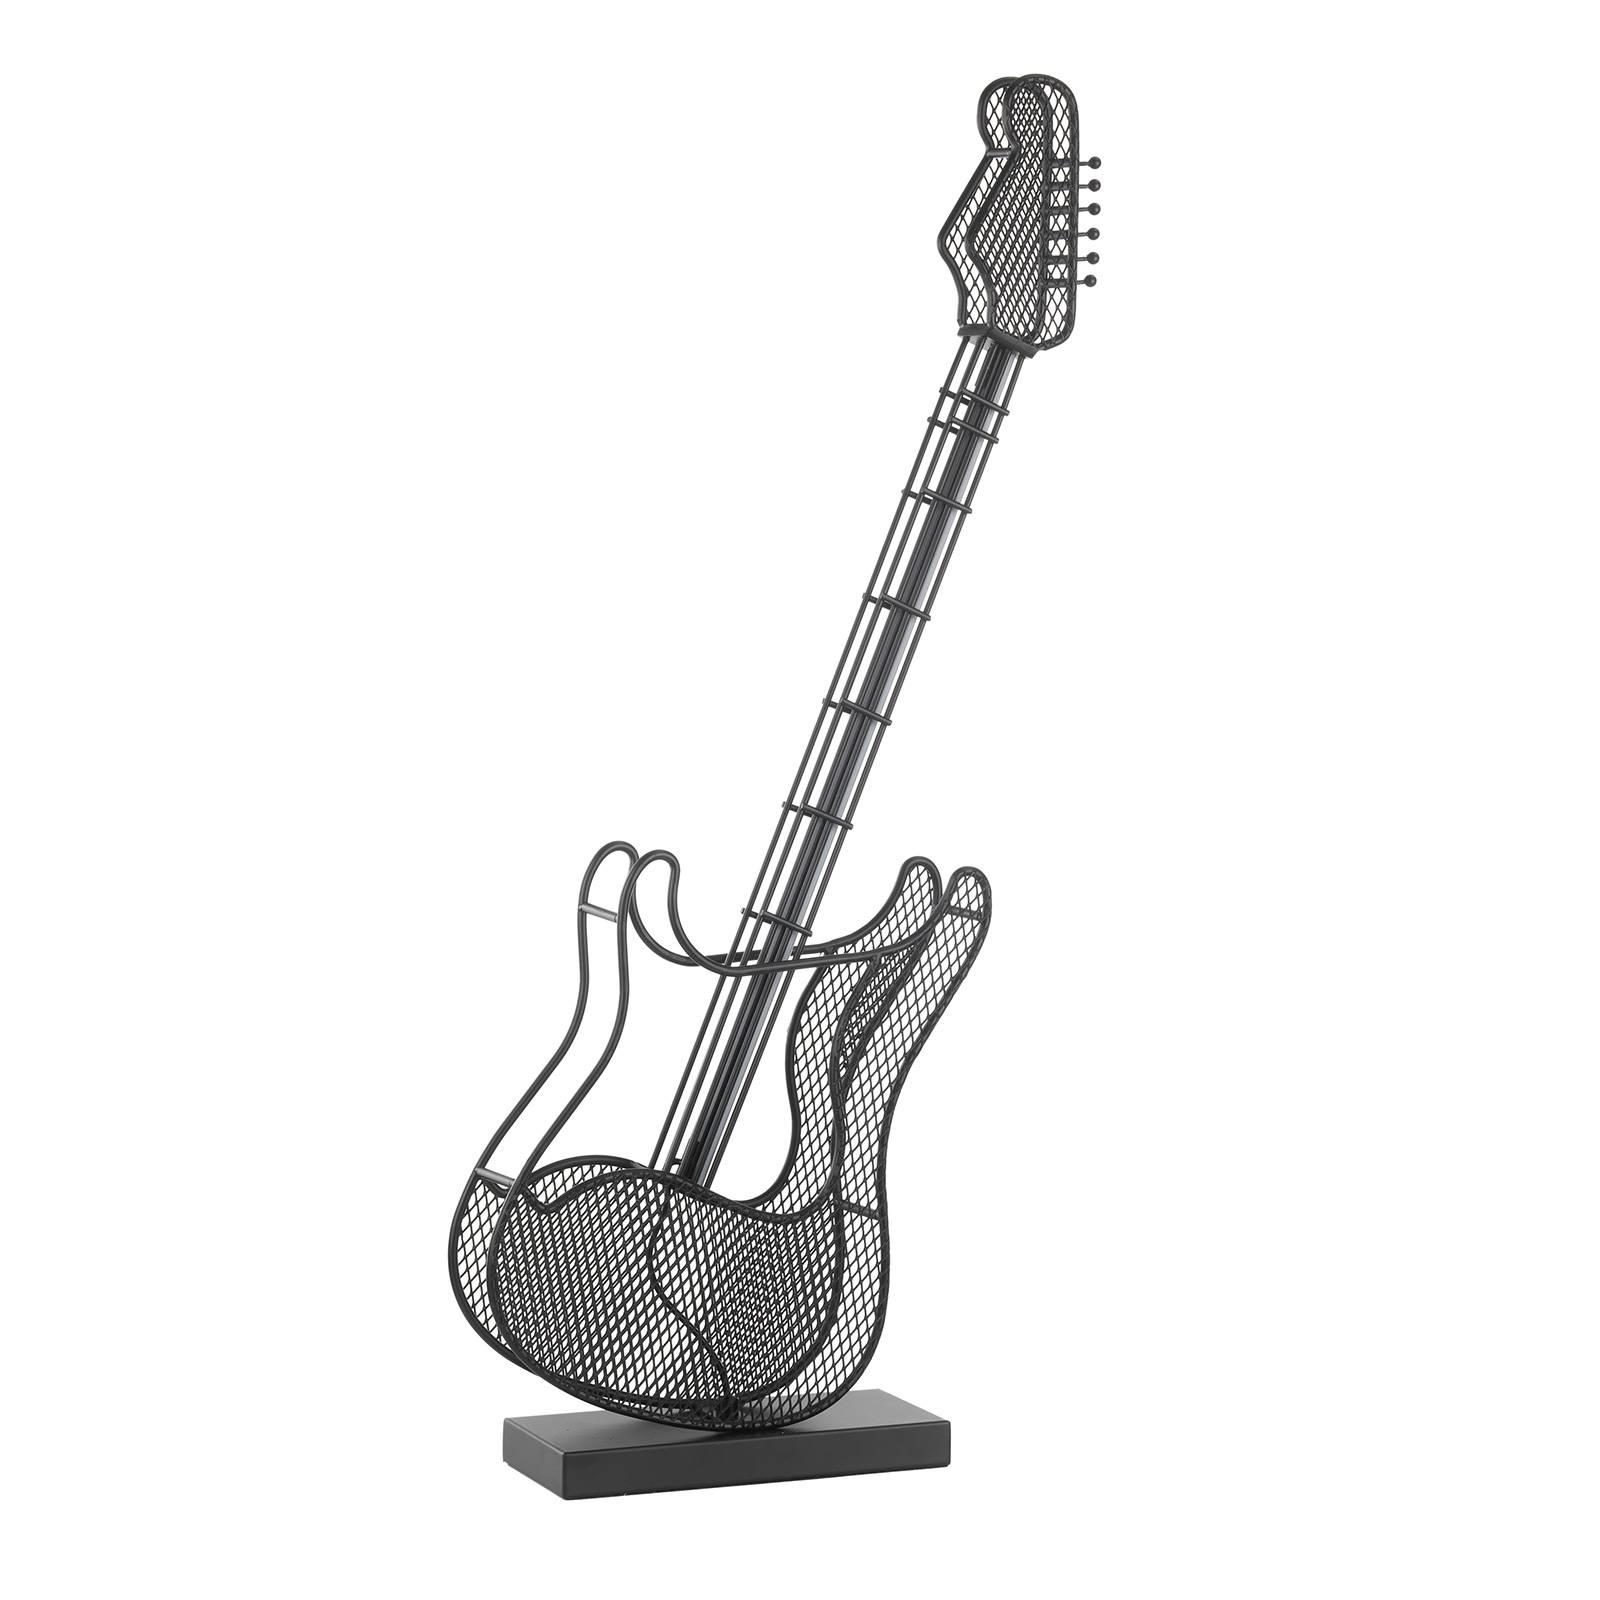 LED-Stehleuchte Rock in Form einer Gitarre